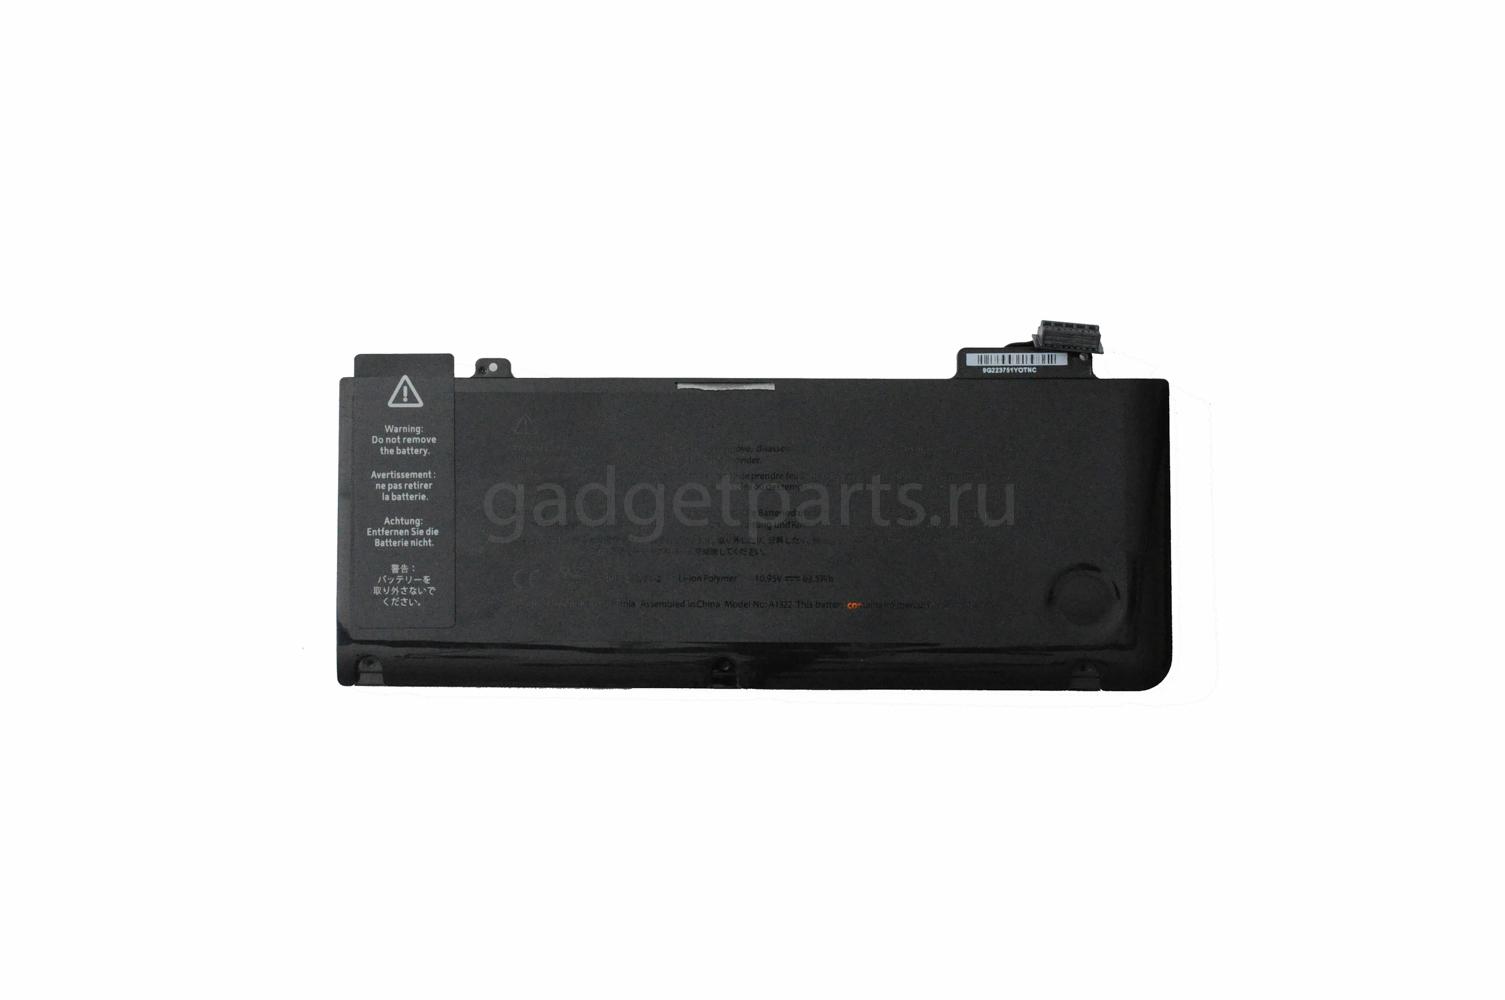 Аккумулятор MacBook Pro 13 A1278 2010-2013 года